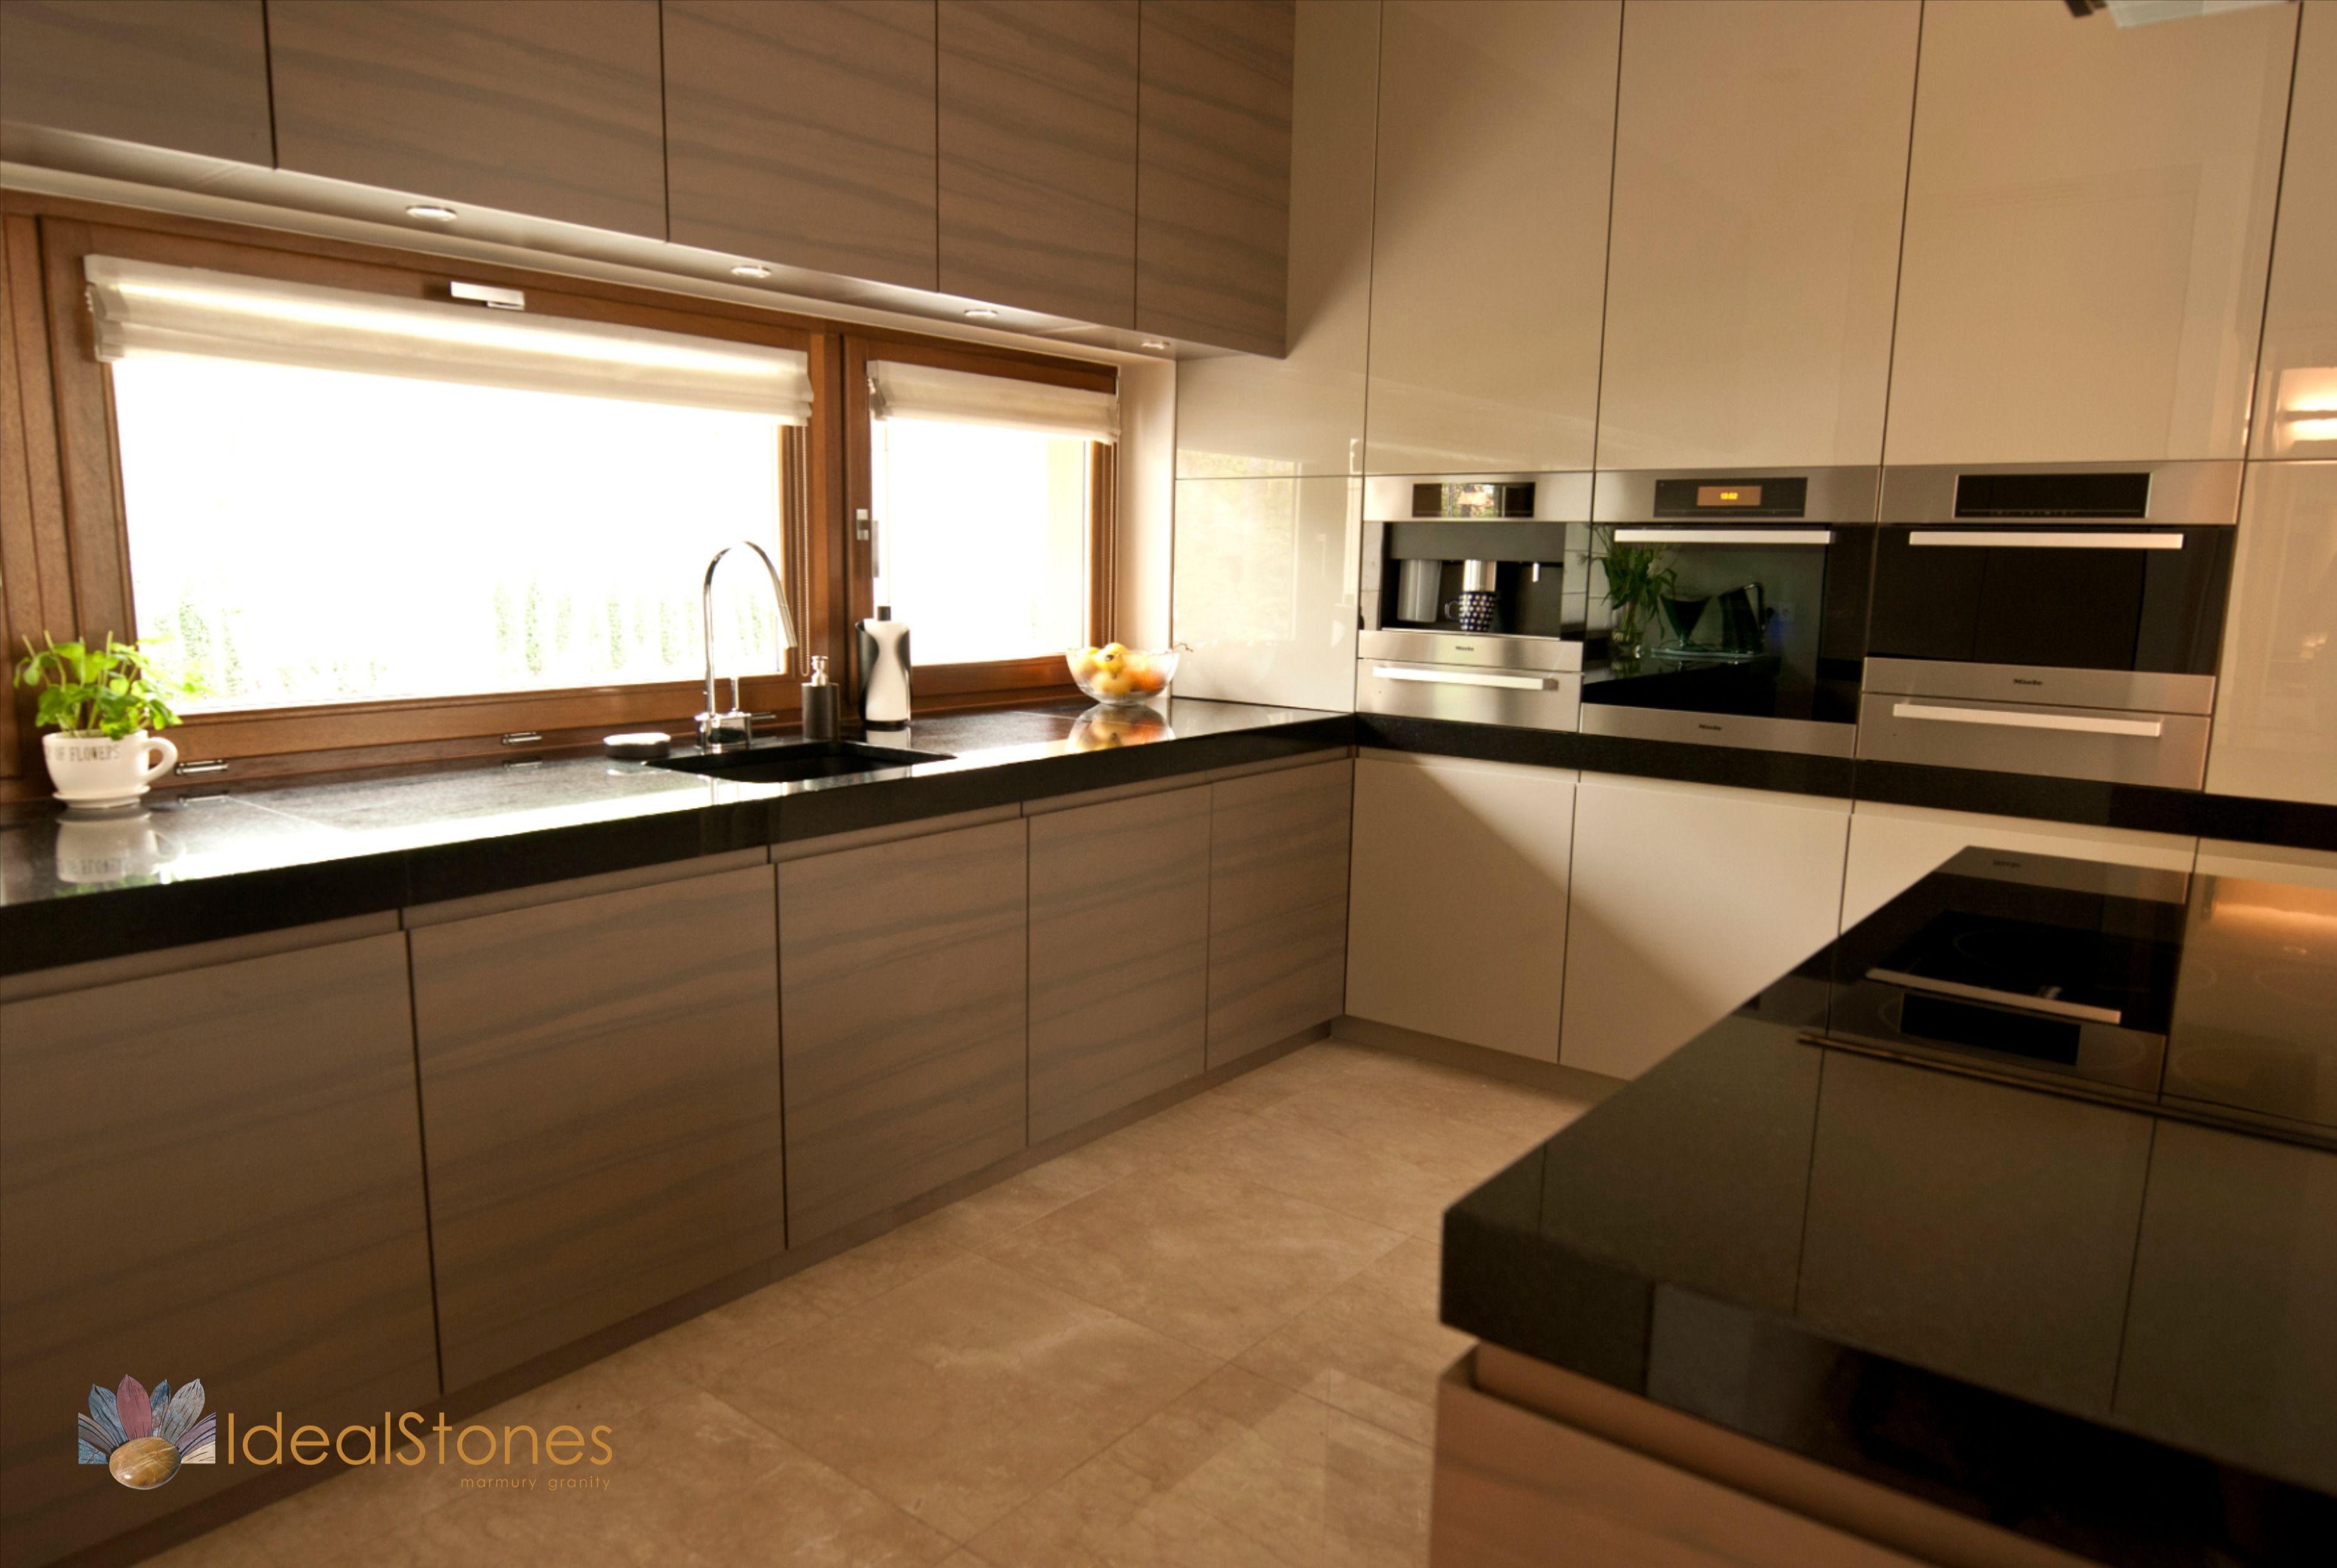 Czarny Blat Granitowy Do Kuchni Oraz Marmurowa Posadzka W Odcieniach Kremowych Kitchen Home Decor Home